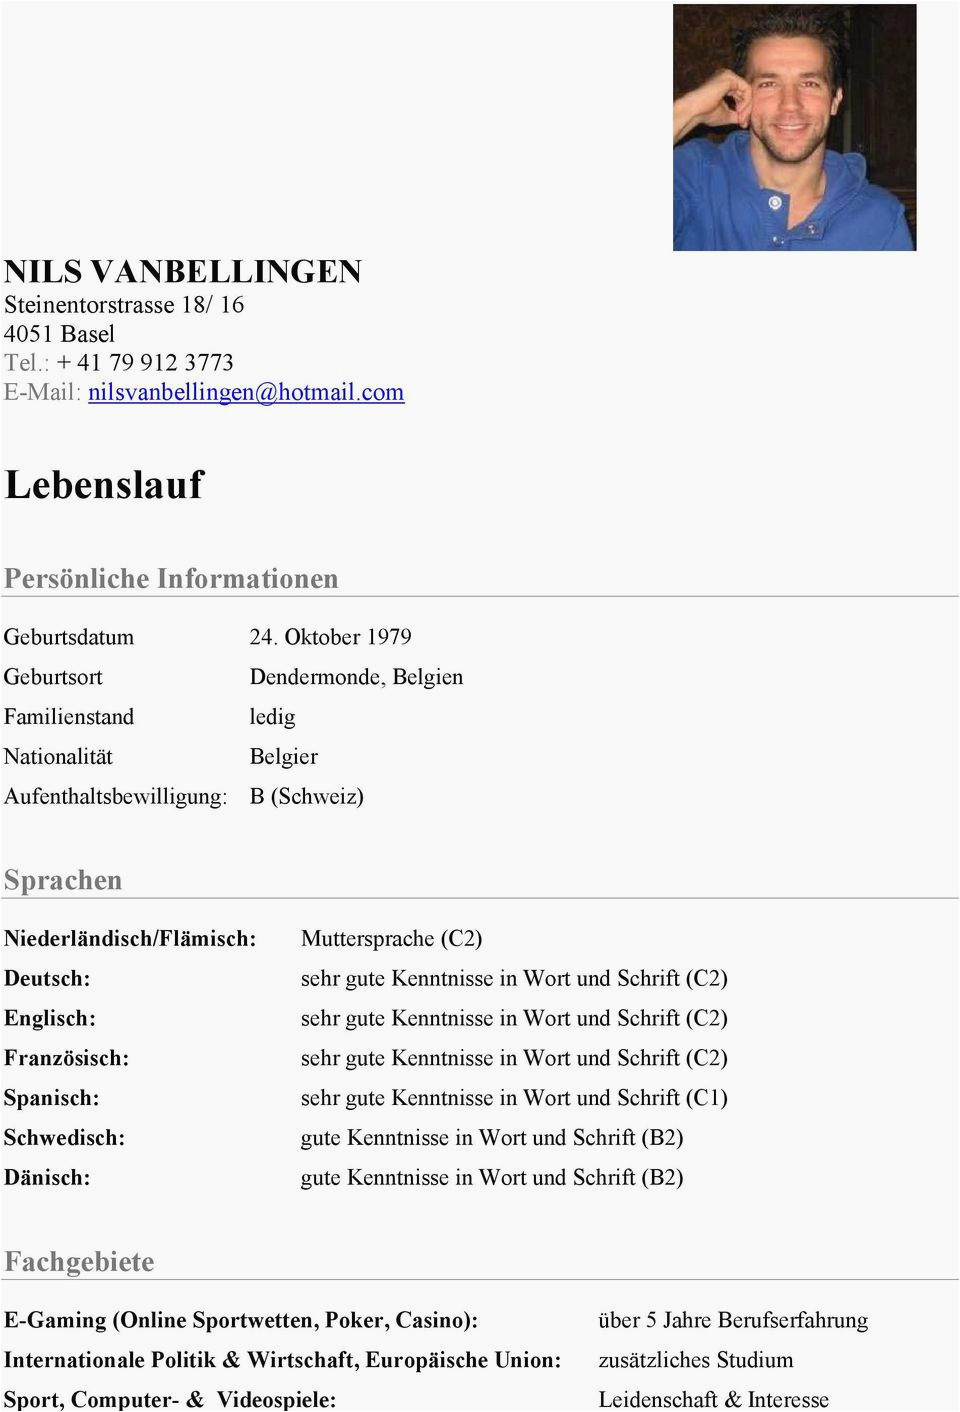 lebenslauf deutsch in wort und schrift muttersprache c2 sehr gute kenntnisse in wort und schrift of lebenslauf deutsch in wort und schrift